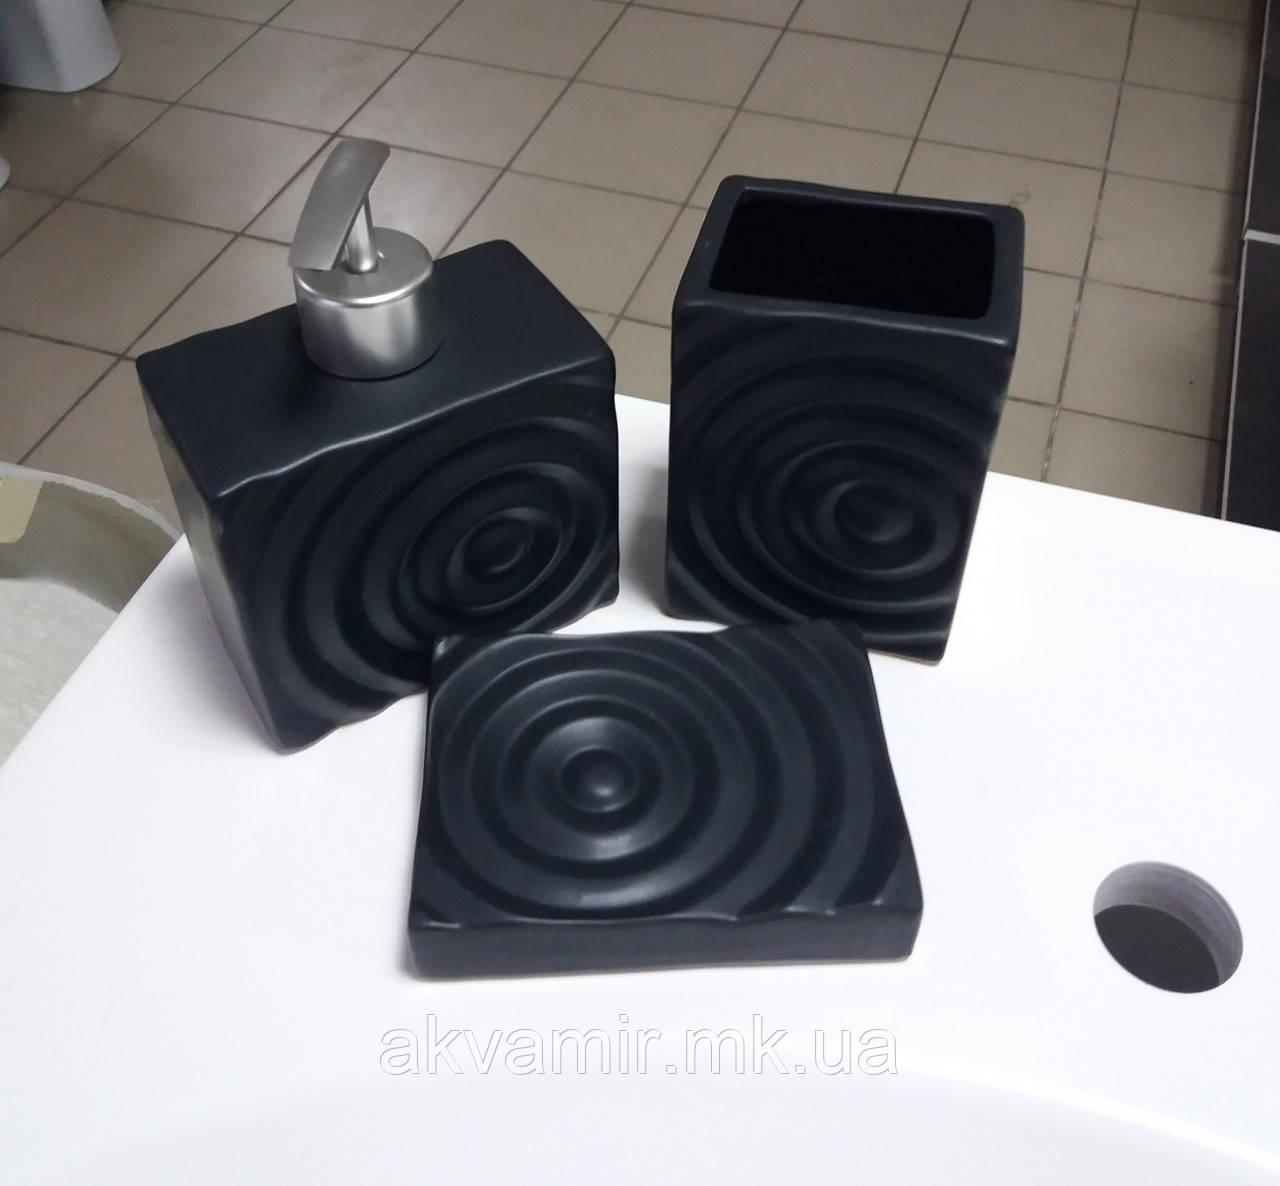 Набор аксессуаров для ванной комнаты Круги (цвет - черный), 3 предмета